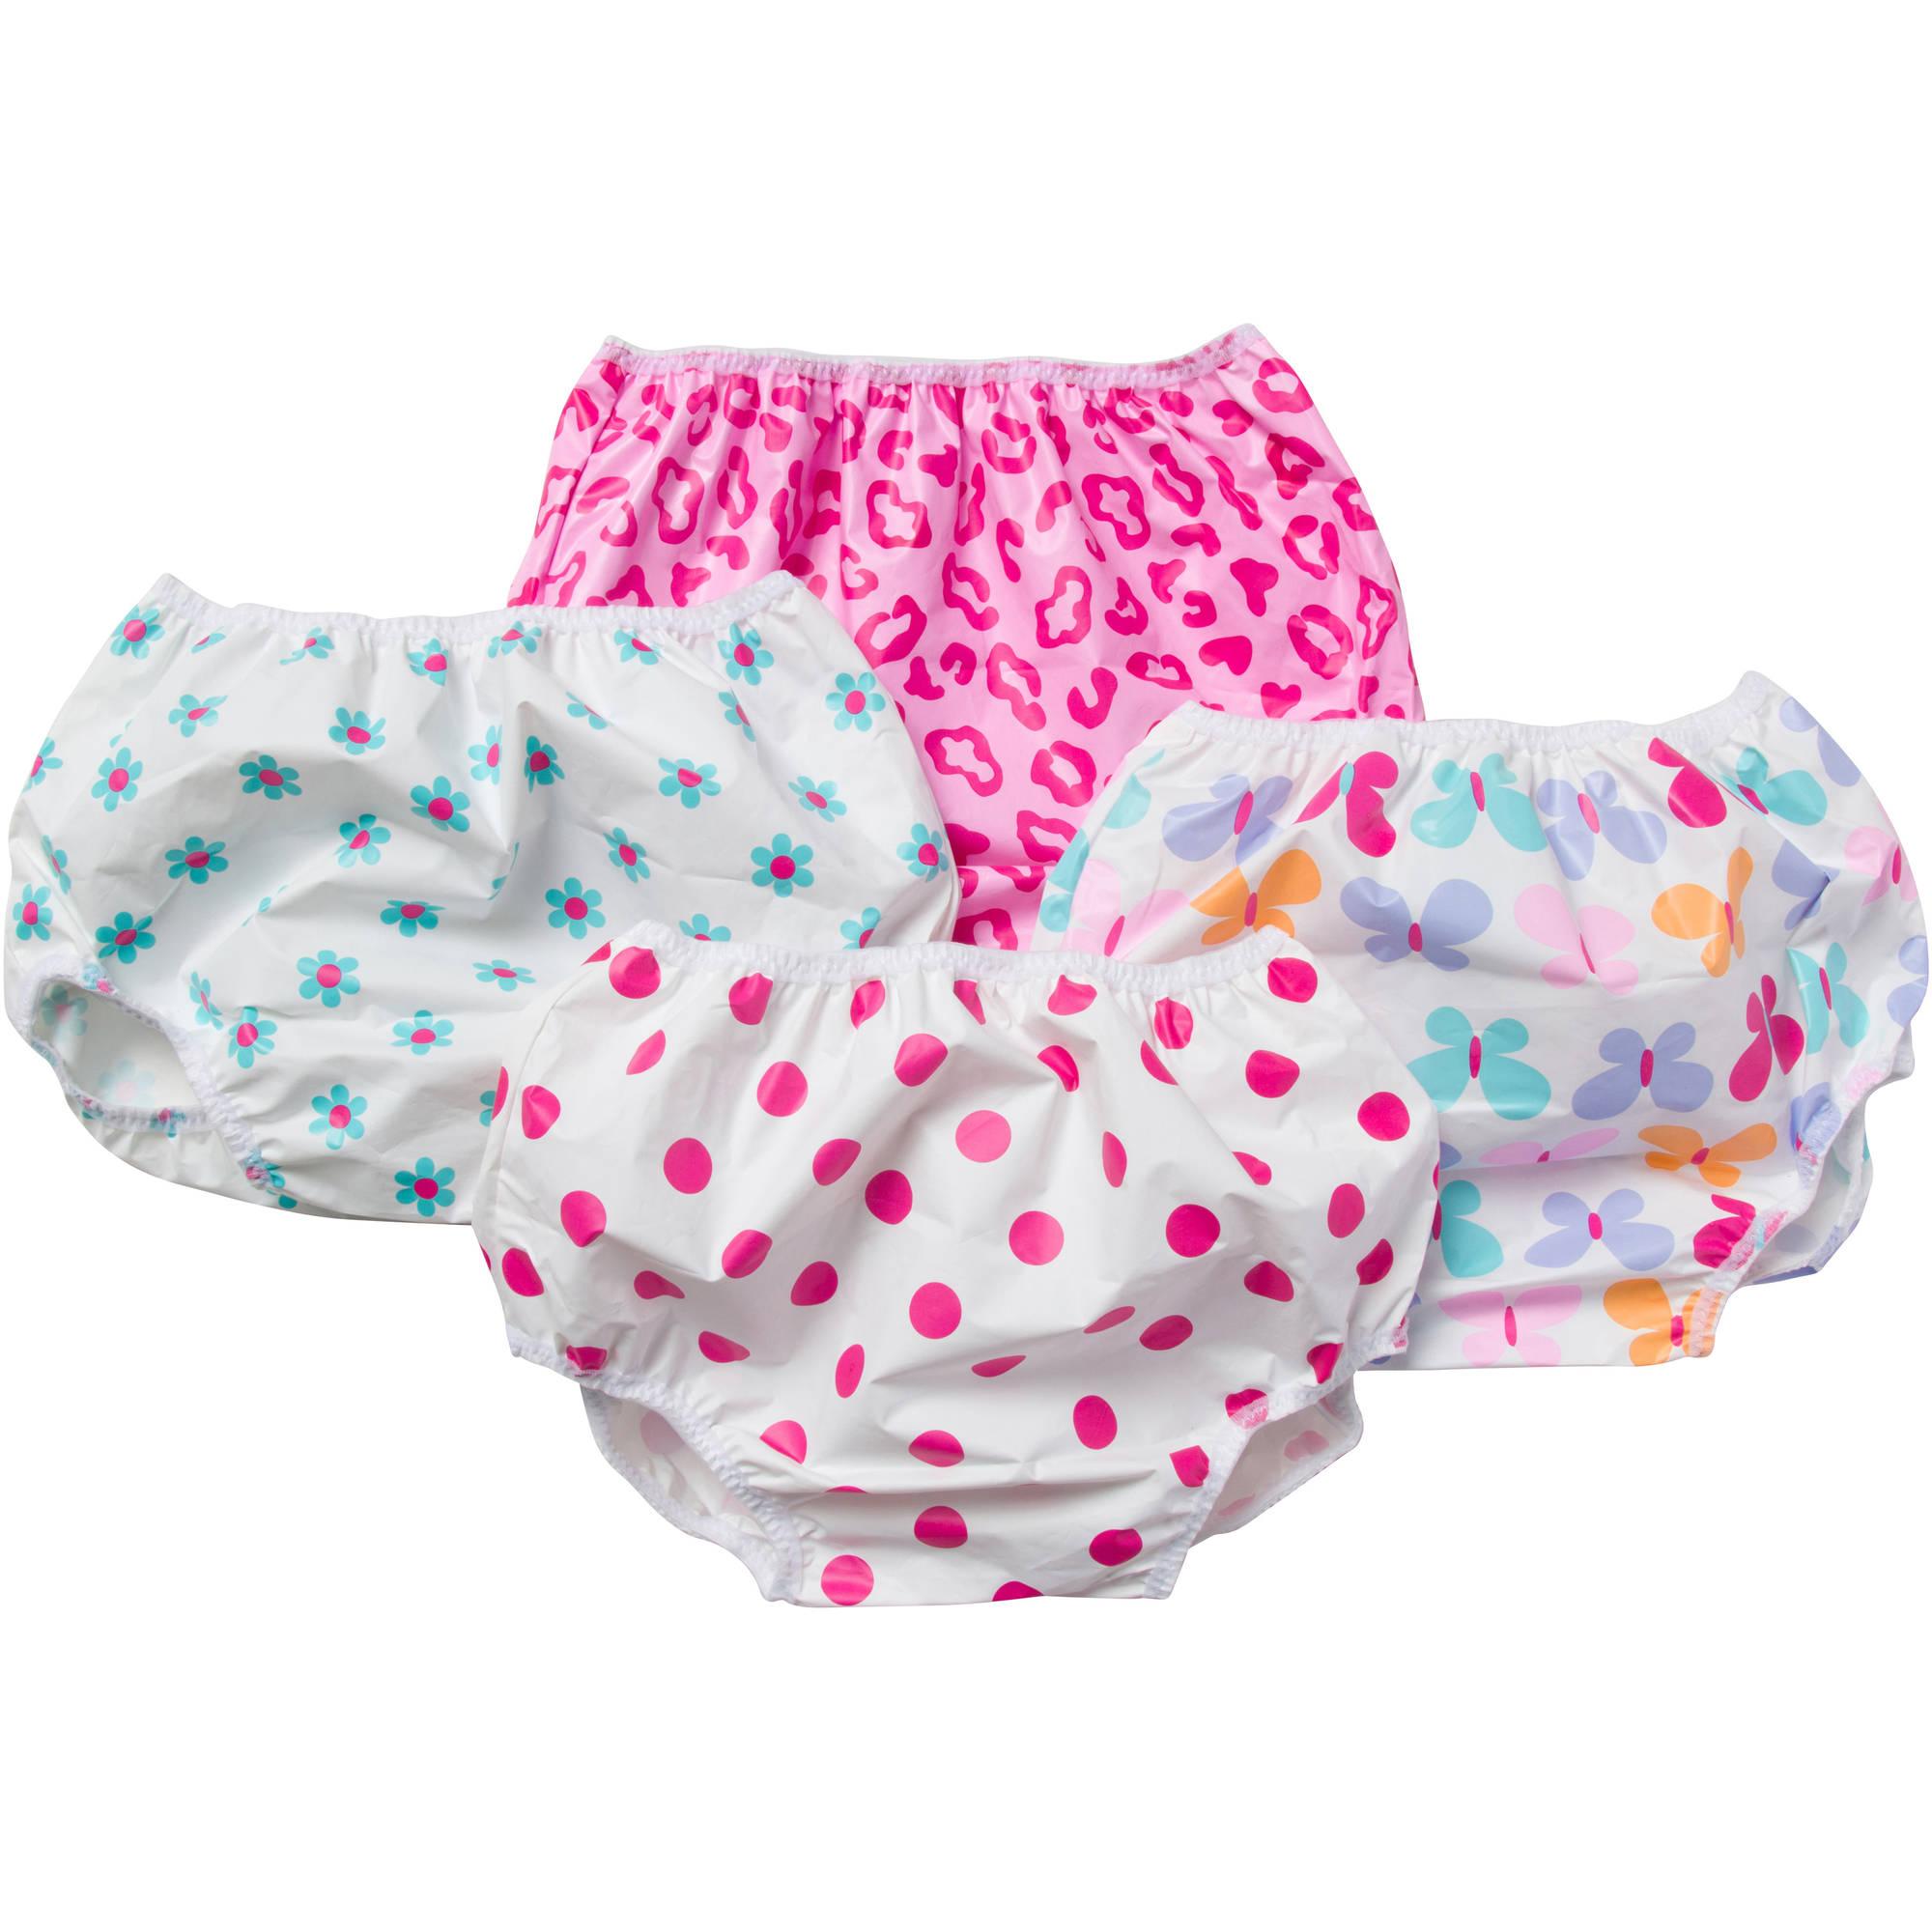 Gerber Baby Toddler Girl Pink Waterproof Pants, 4-Pack